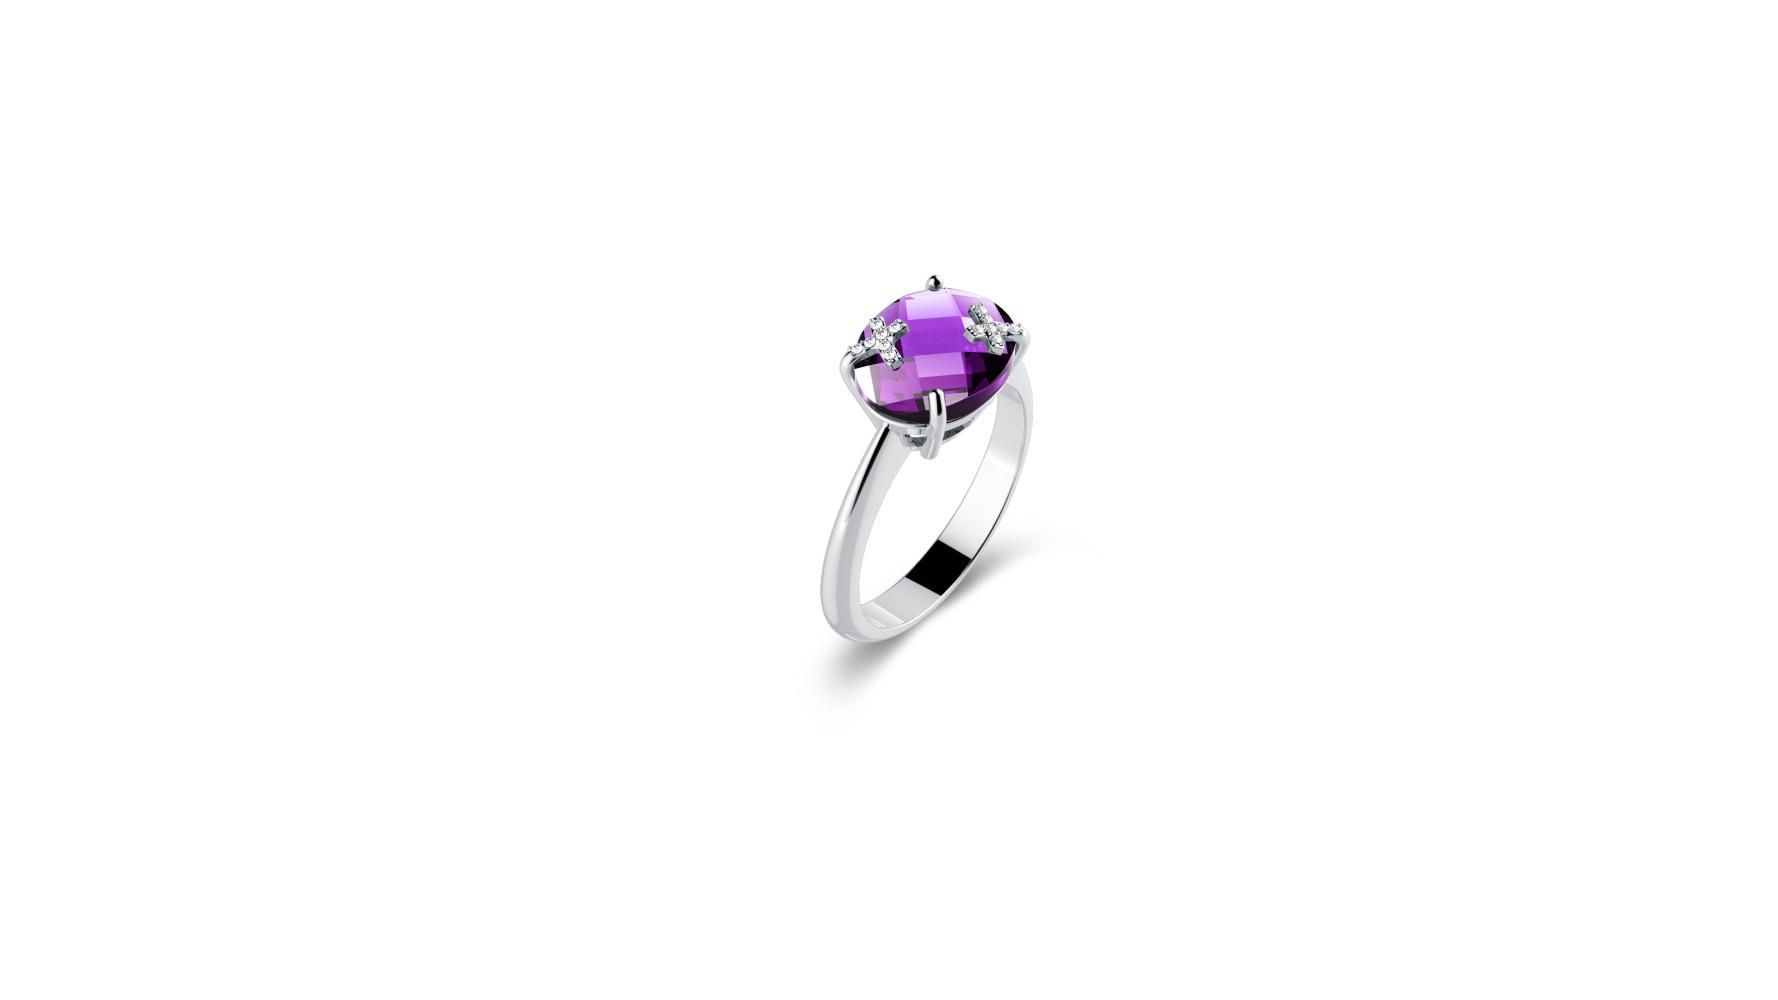 Zlatni prsten s briljantima i ametistom_Zaks_ 3.862,50 kn